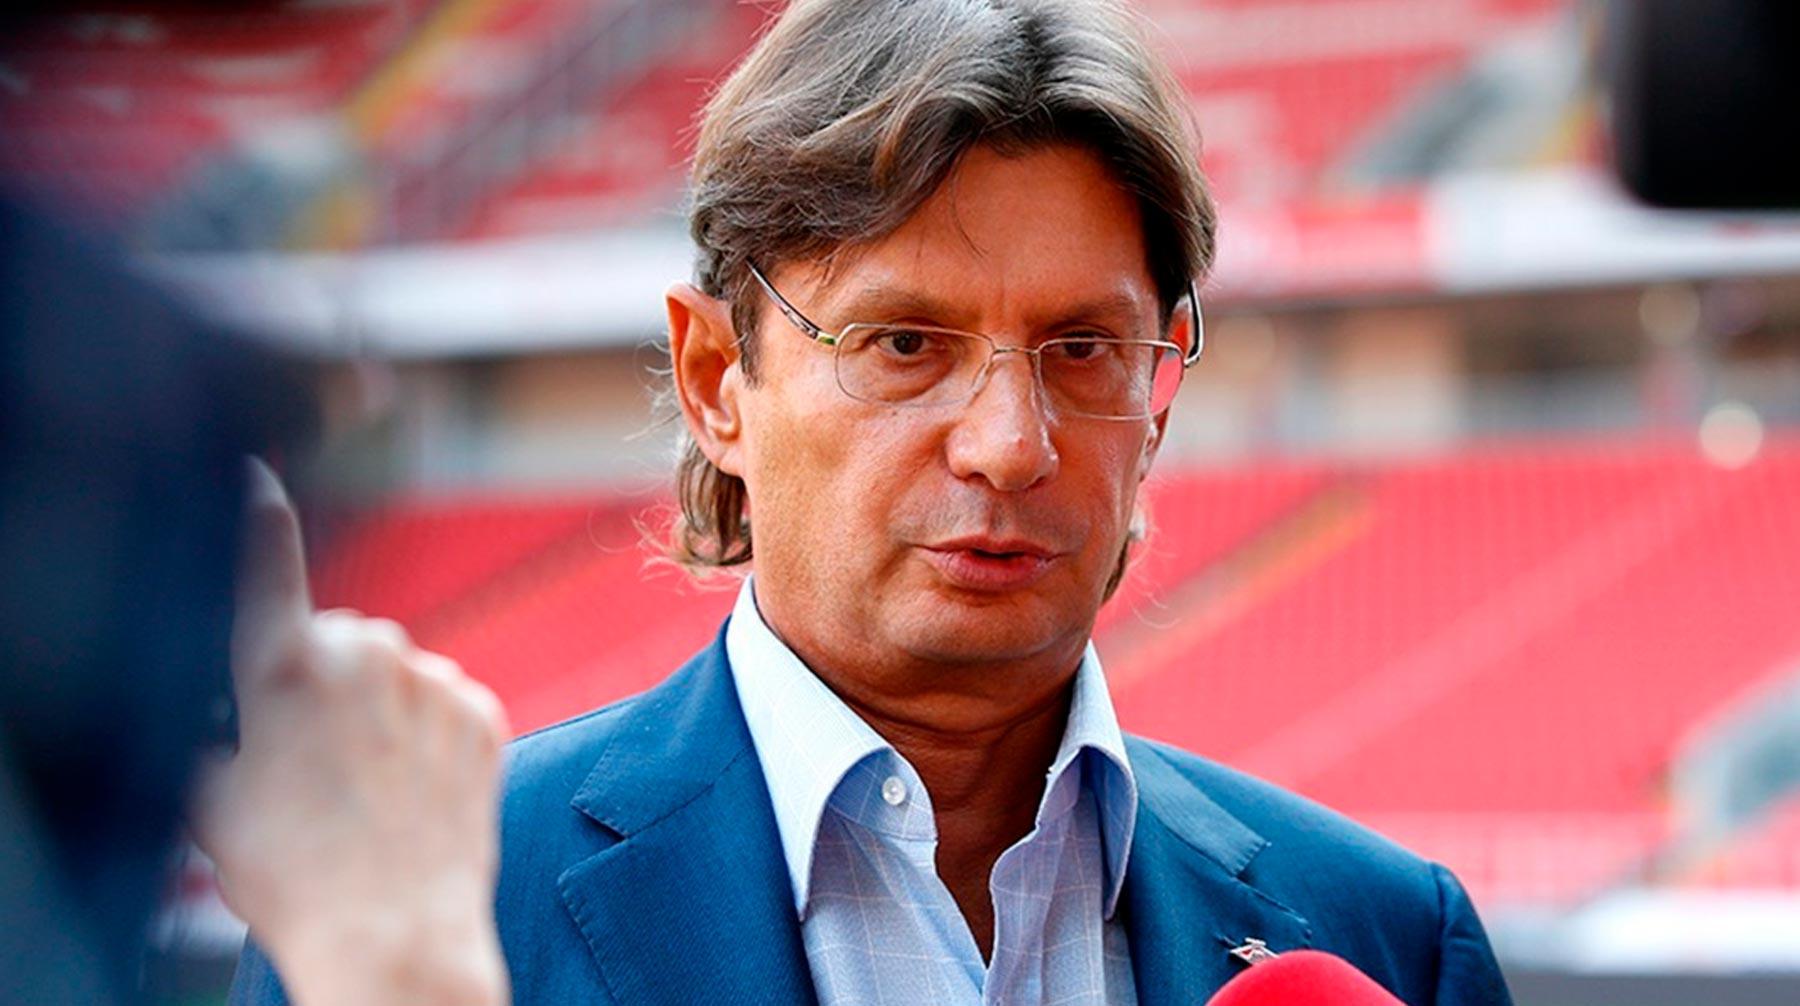 владелец футбольного клуба спартак москва